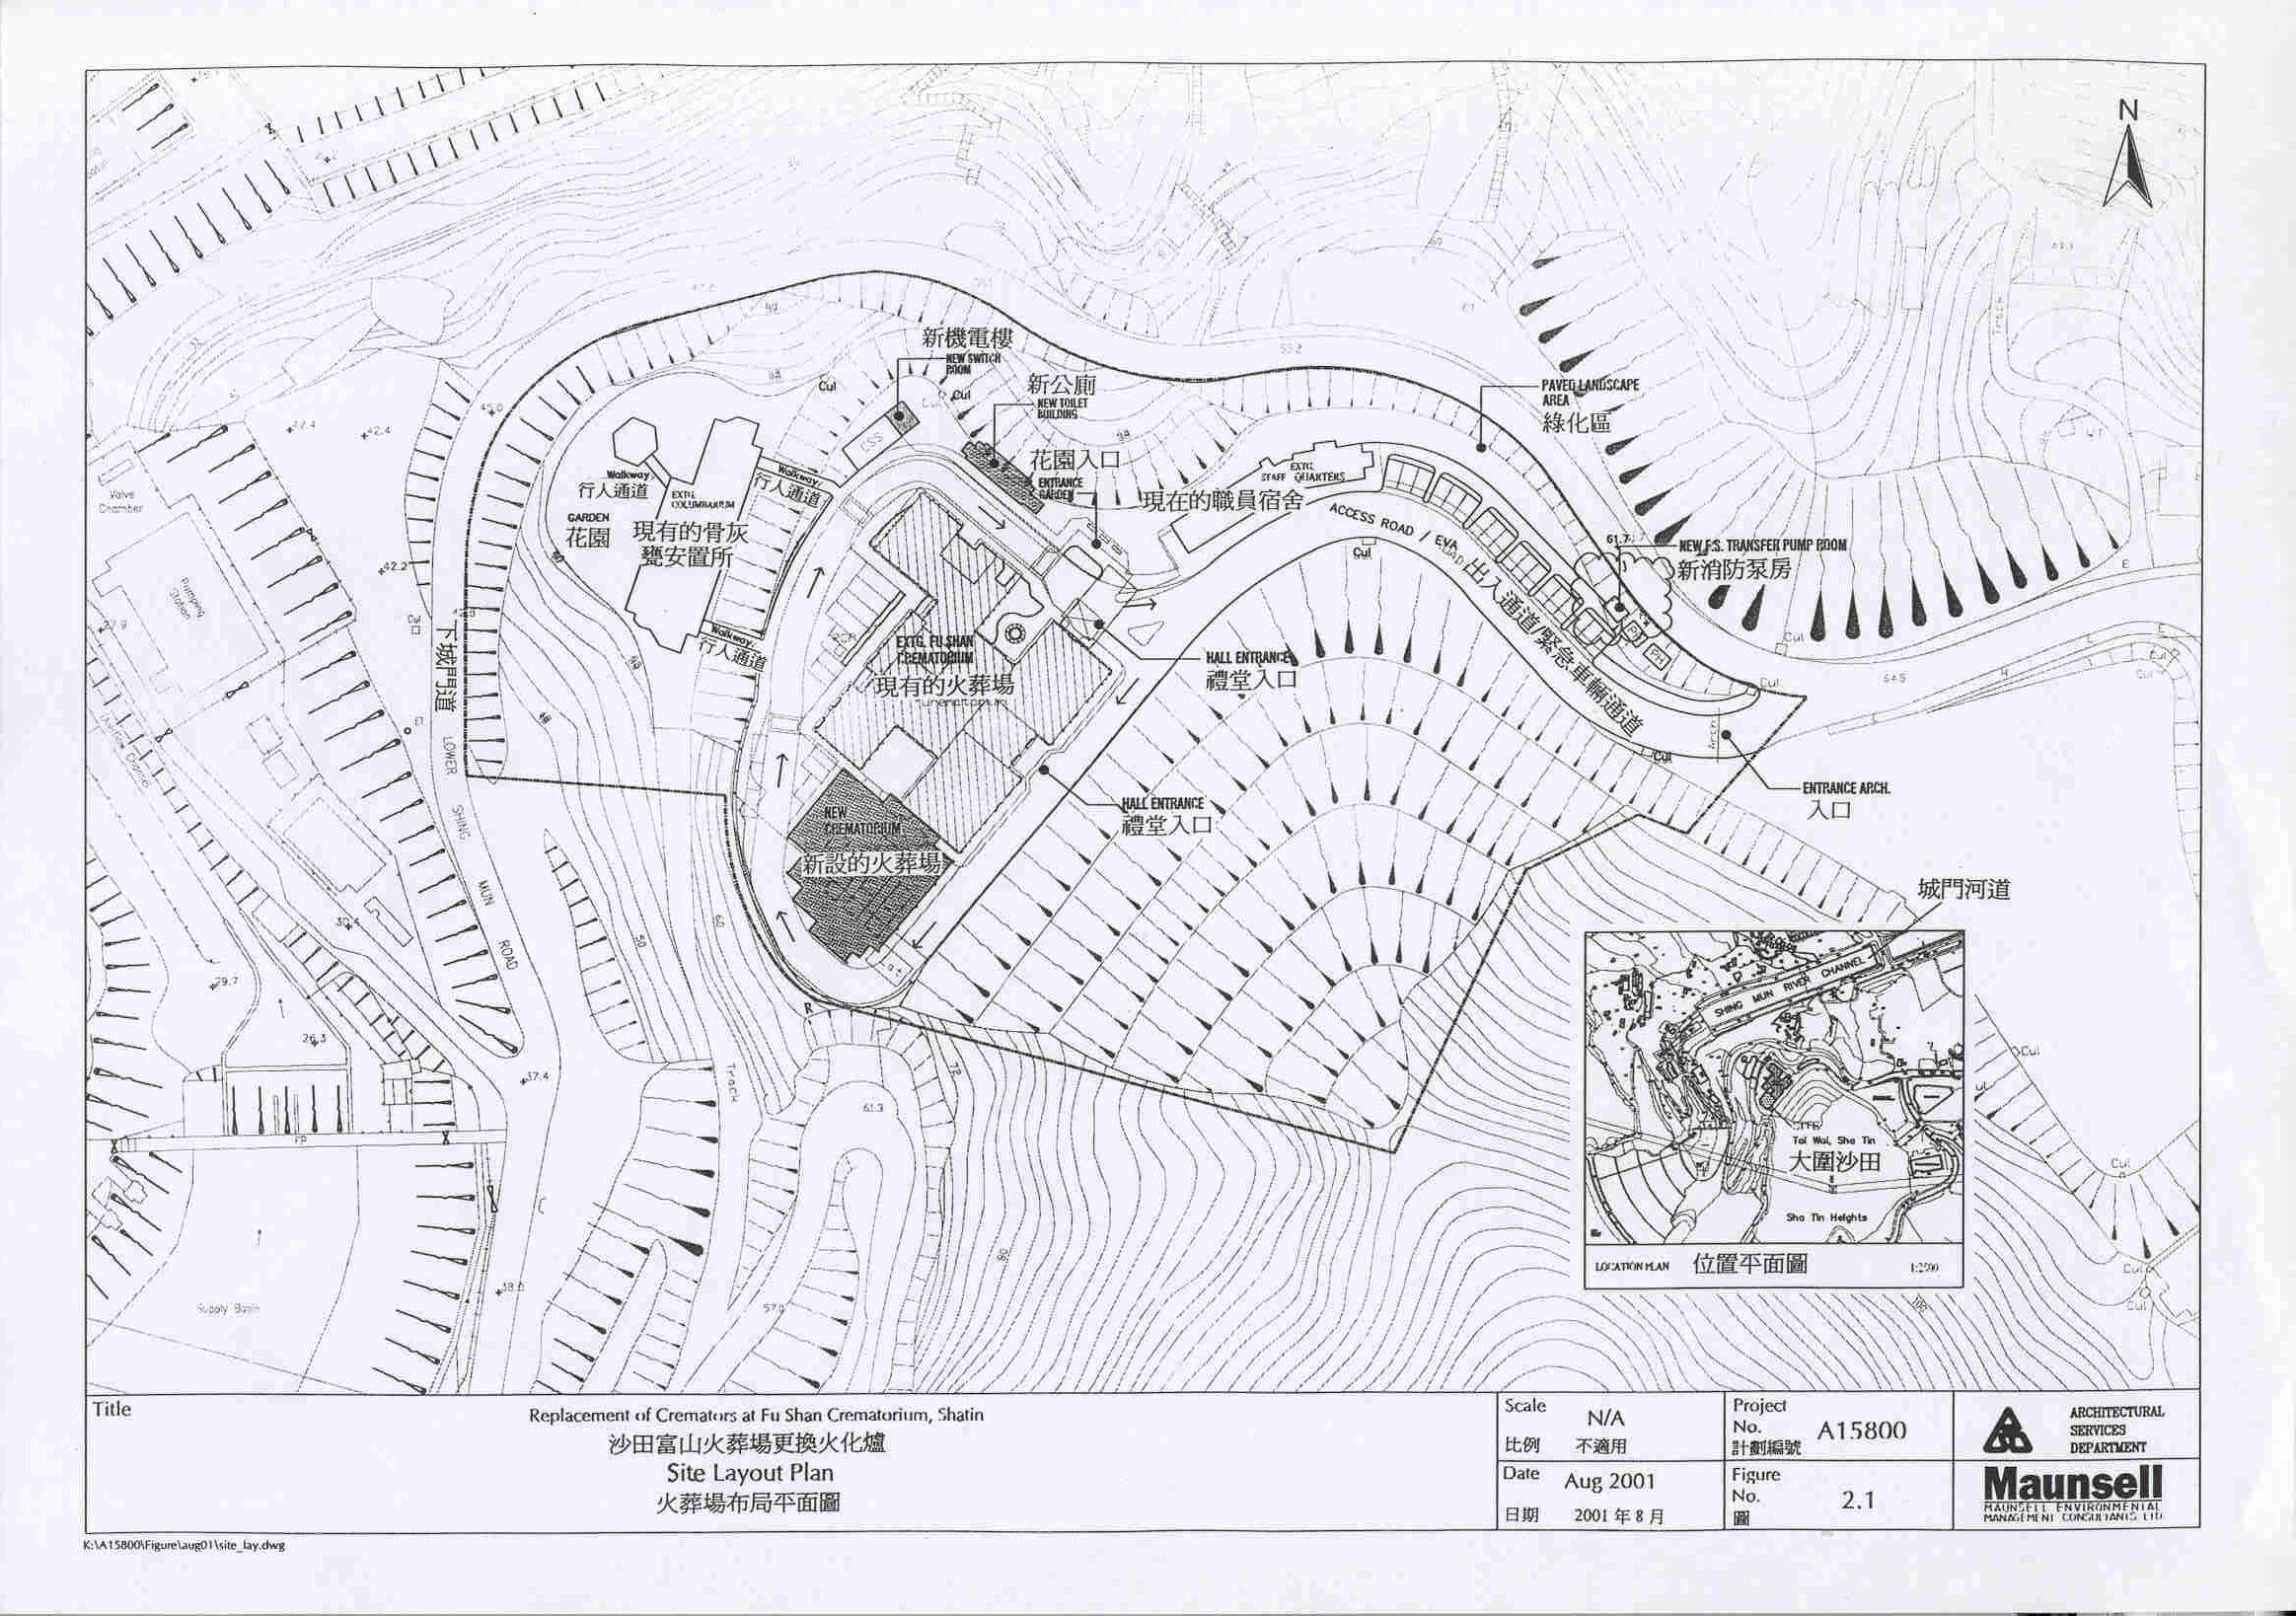 Proposed Replacement Of Cremators At Fu Shan Crematorium